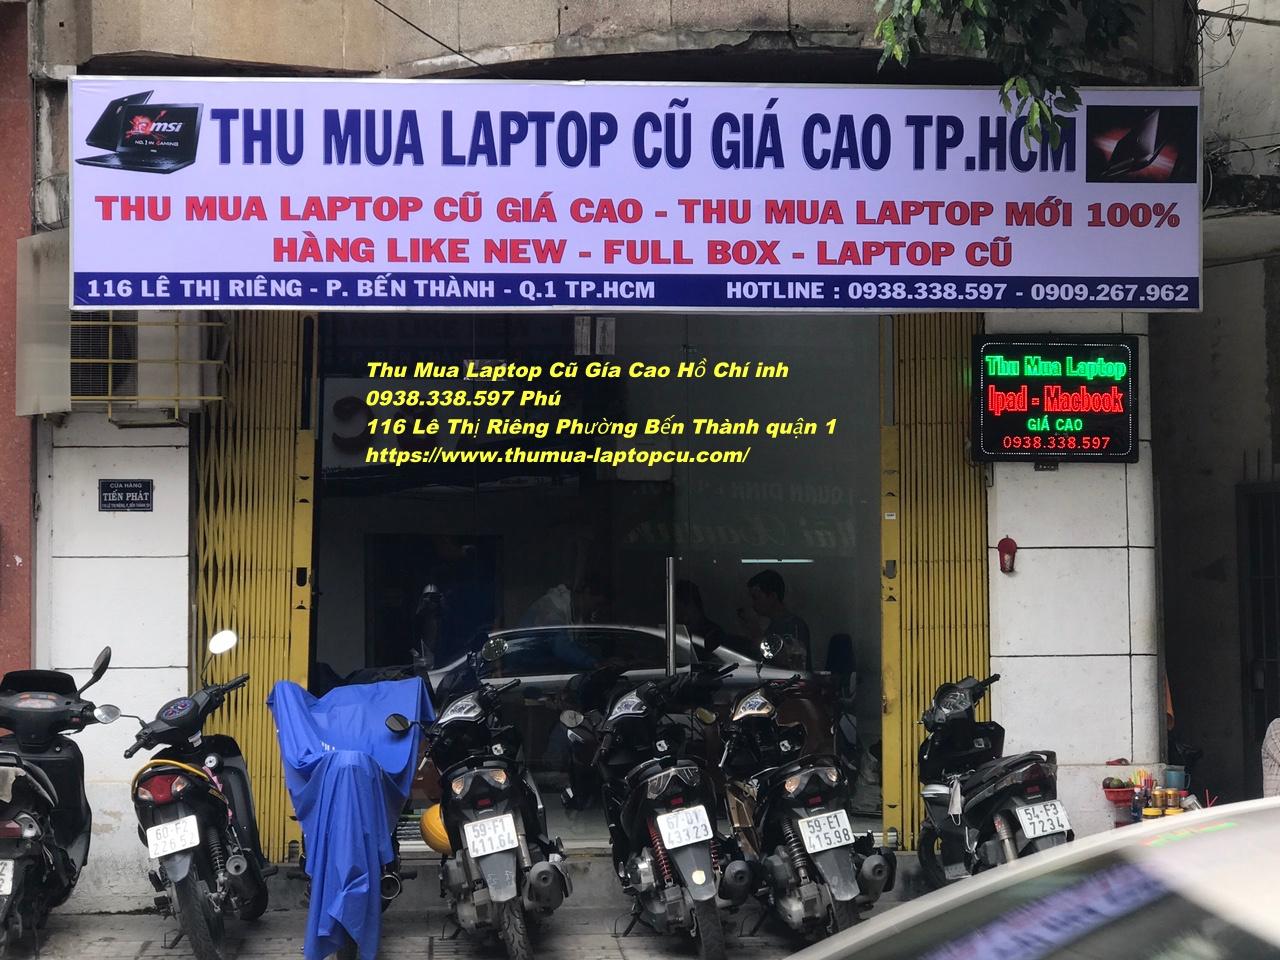 Thu-mua-laptop-cũ-giá-cao-TPHCM